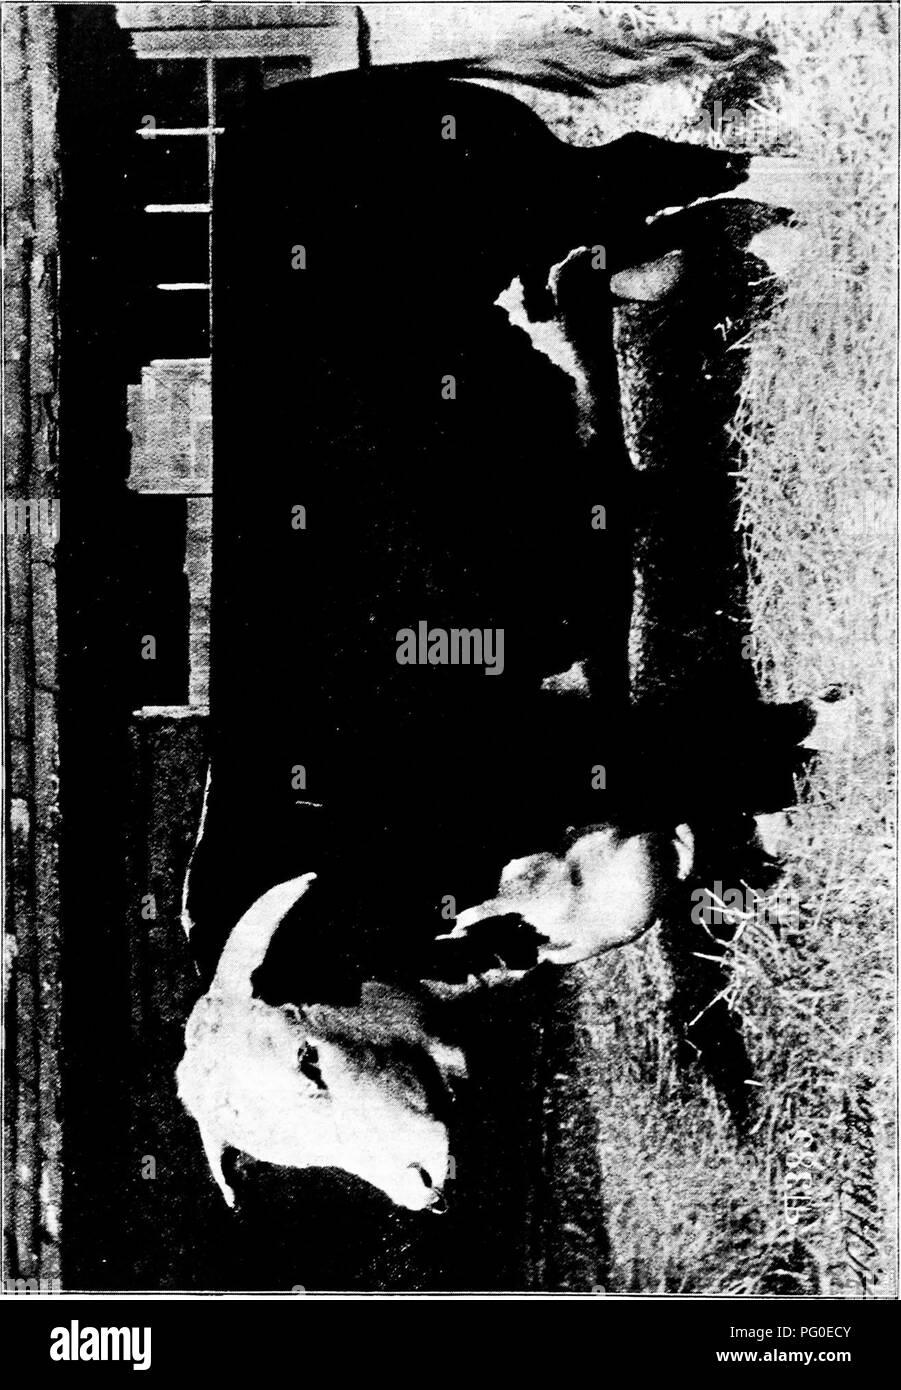 . Histoire de bovins Hereford: prouvé de façon concluante la plus ancienne d'espèces améliorées . Bovins Hereford. . Veuillez noter que ces images sont extraites de la page numérisée des images qui peuvent avoir été retouchées numériquement pour plus de lisibilité - coloration et l'aspect de ces illustrations ne peut pas parfaitement ressembler à l'œuvre originale.. Miller, T. L. (Timothy Lathrop), 1817-1900; Sotham, Wm. H. (William H. ). Chillicothe, F. B. T.: Ve Sotham Banque D'Images